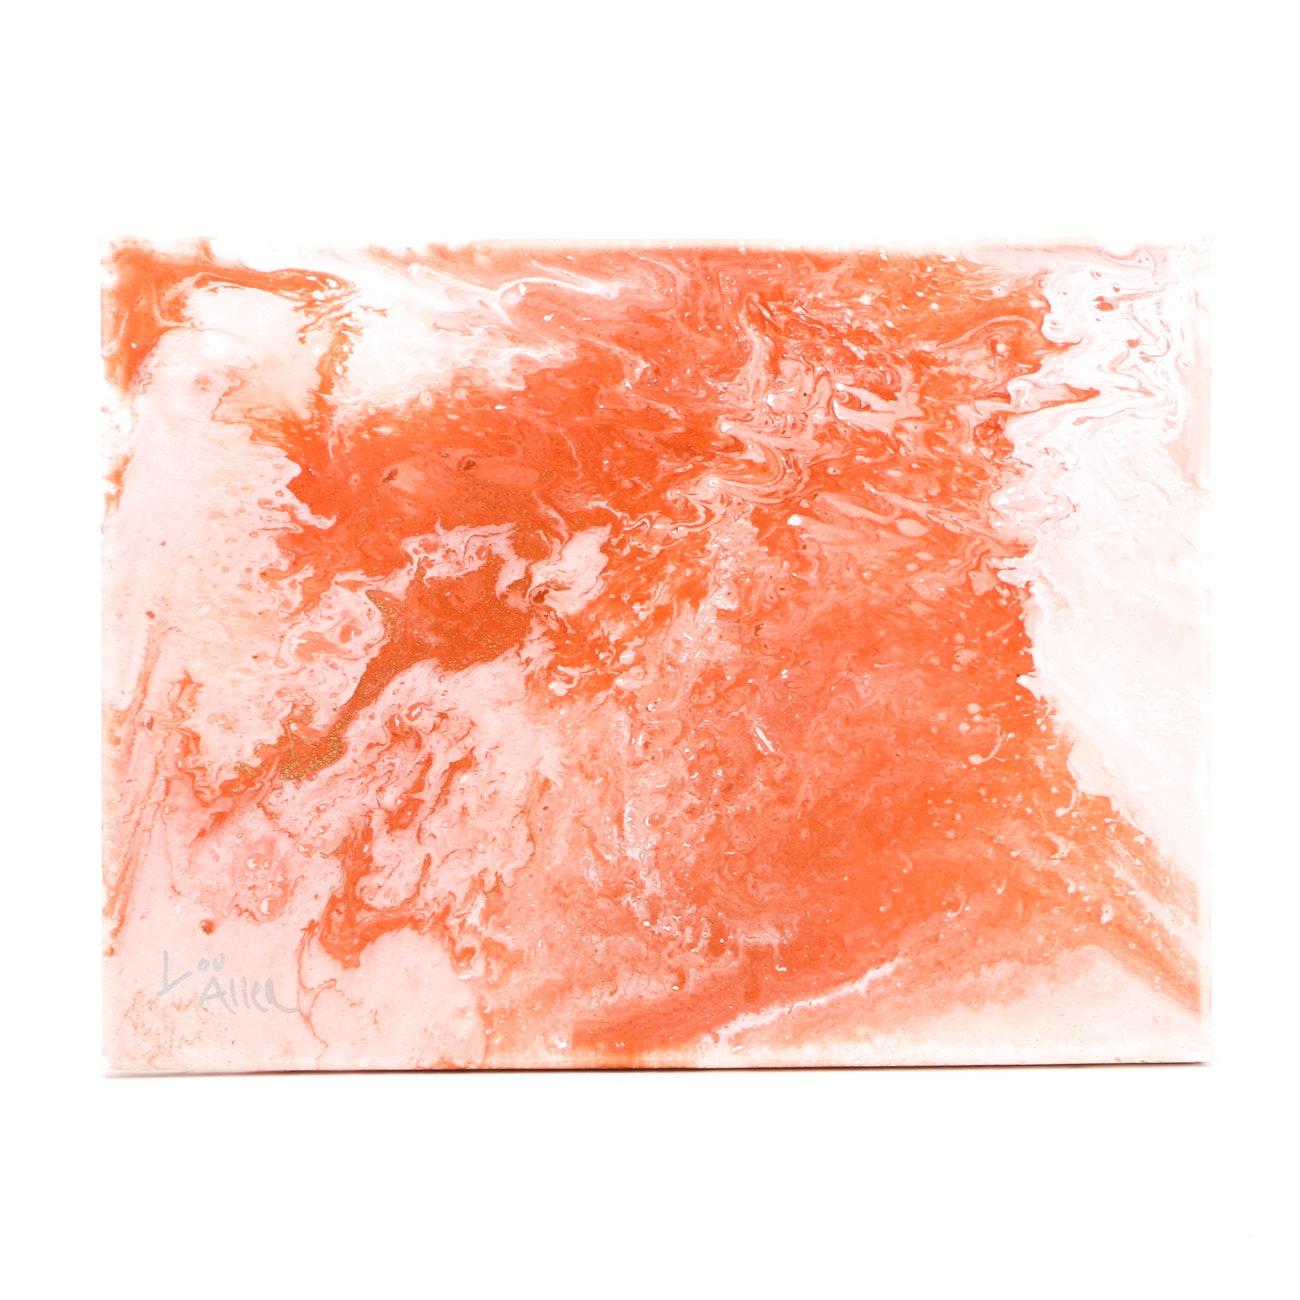 Lou Allen Contemporary Abstract Acrylic on Canvas